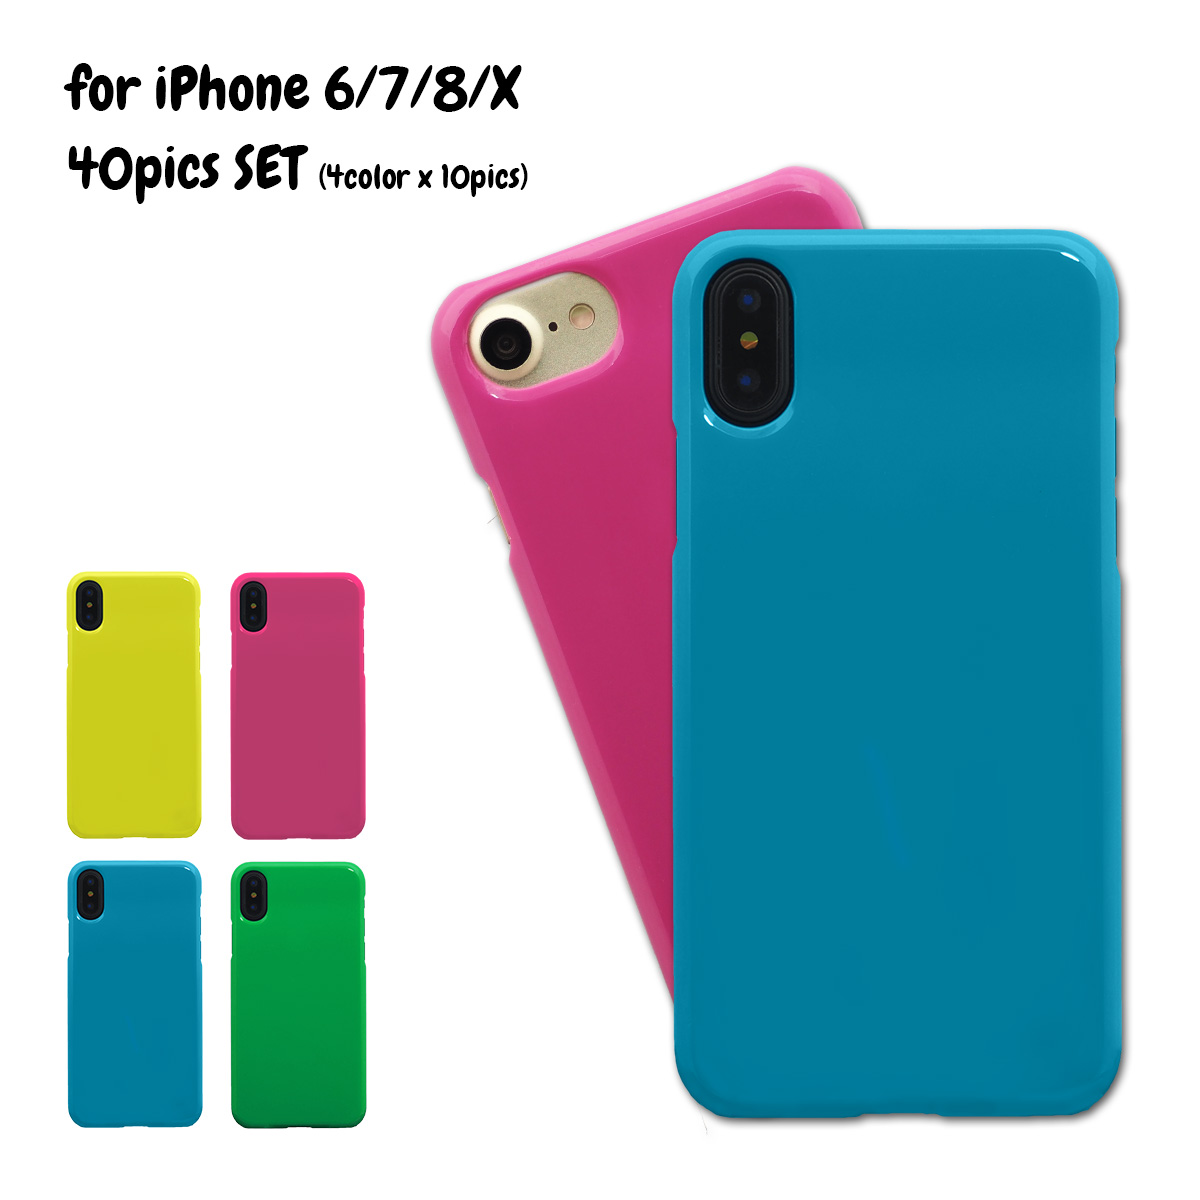 ハードケース 40枚セット スマホケース iphoneケース iphone x iPhoneX iphoneXS iPhoneSE第2世代 iPhone8 iPhone7 iPhone6 アイフォン カバー カラー カラフル